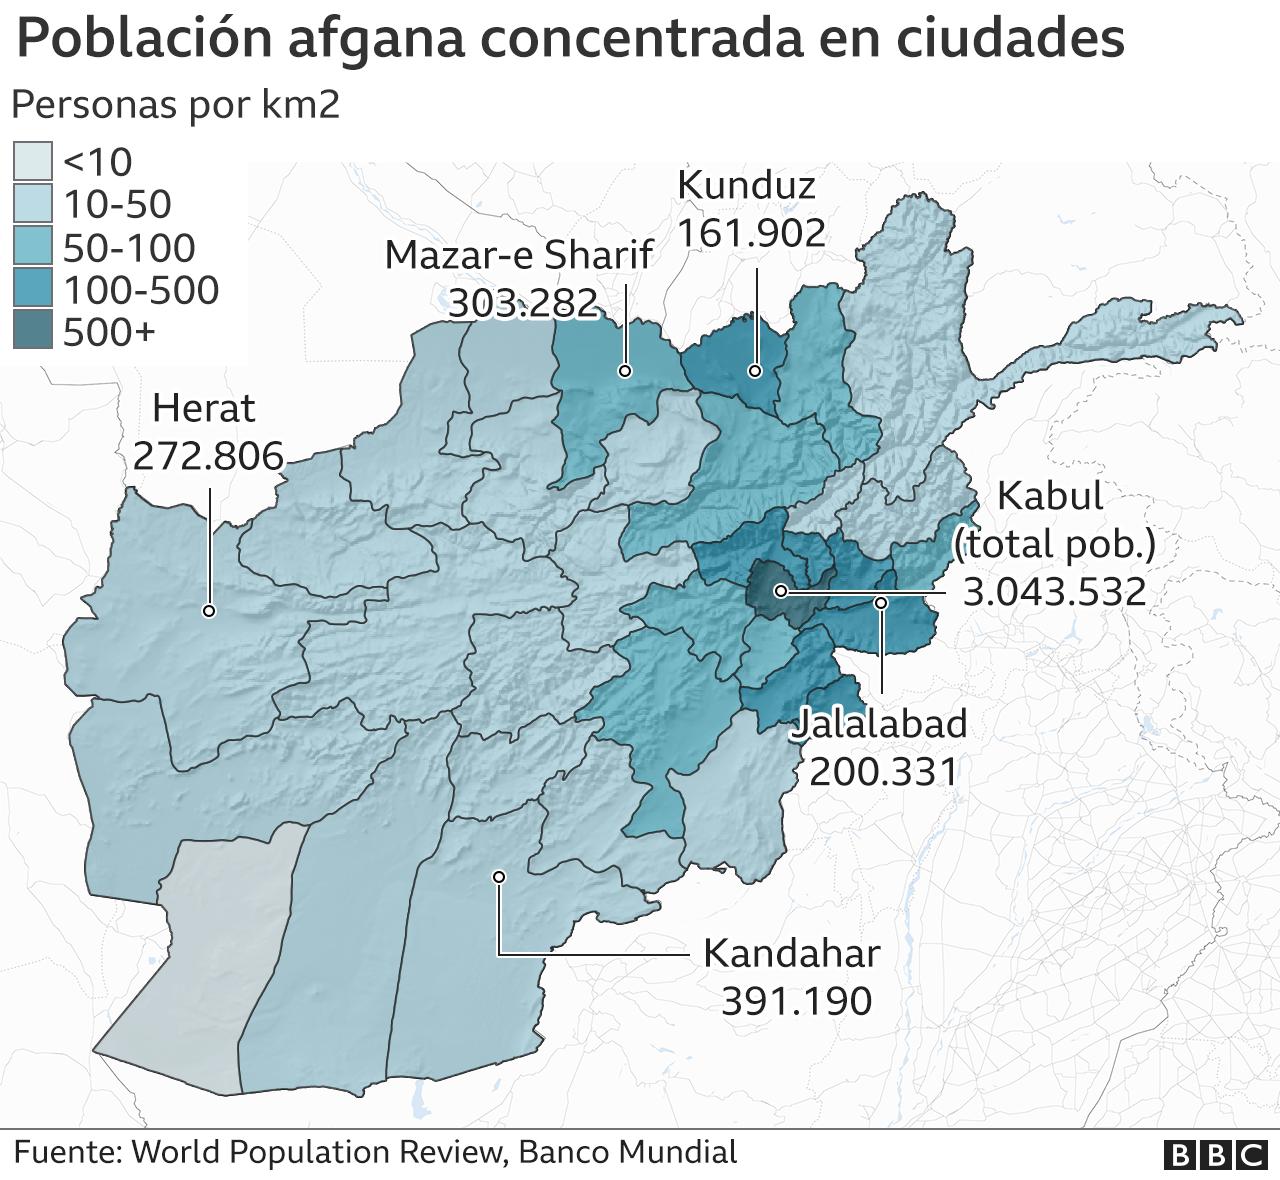 Mapa poblacion afgana